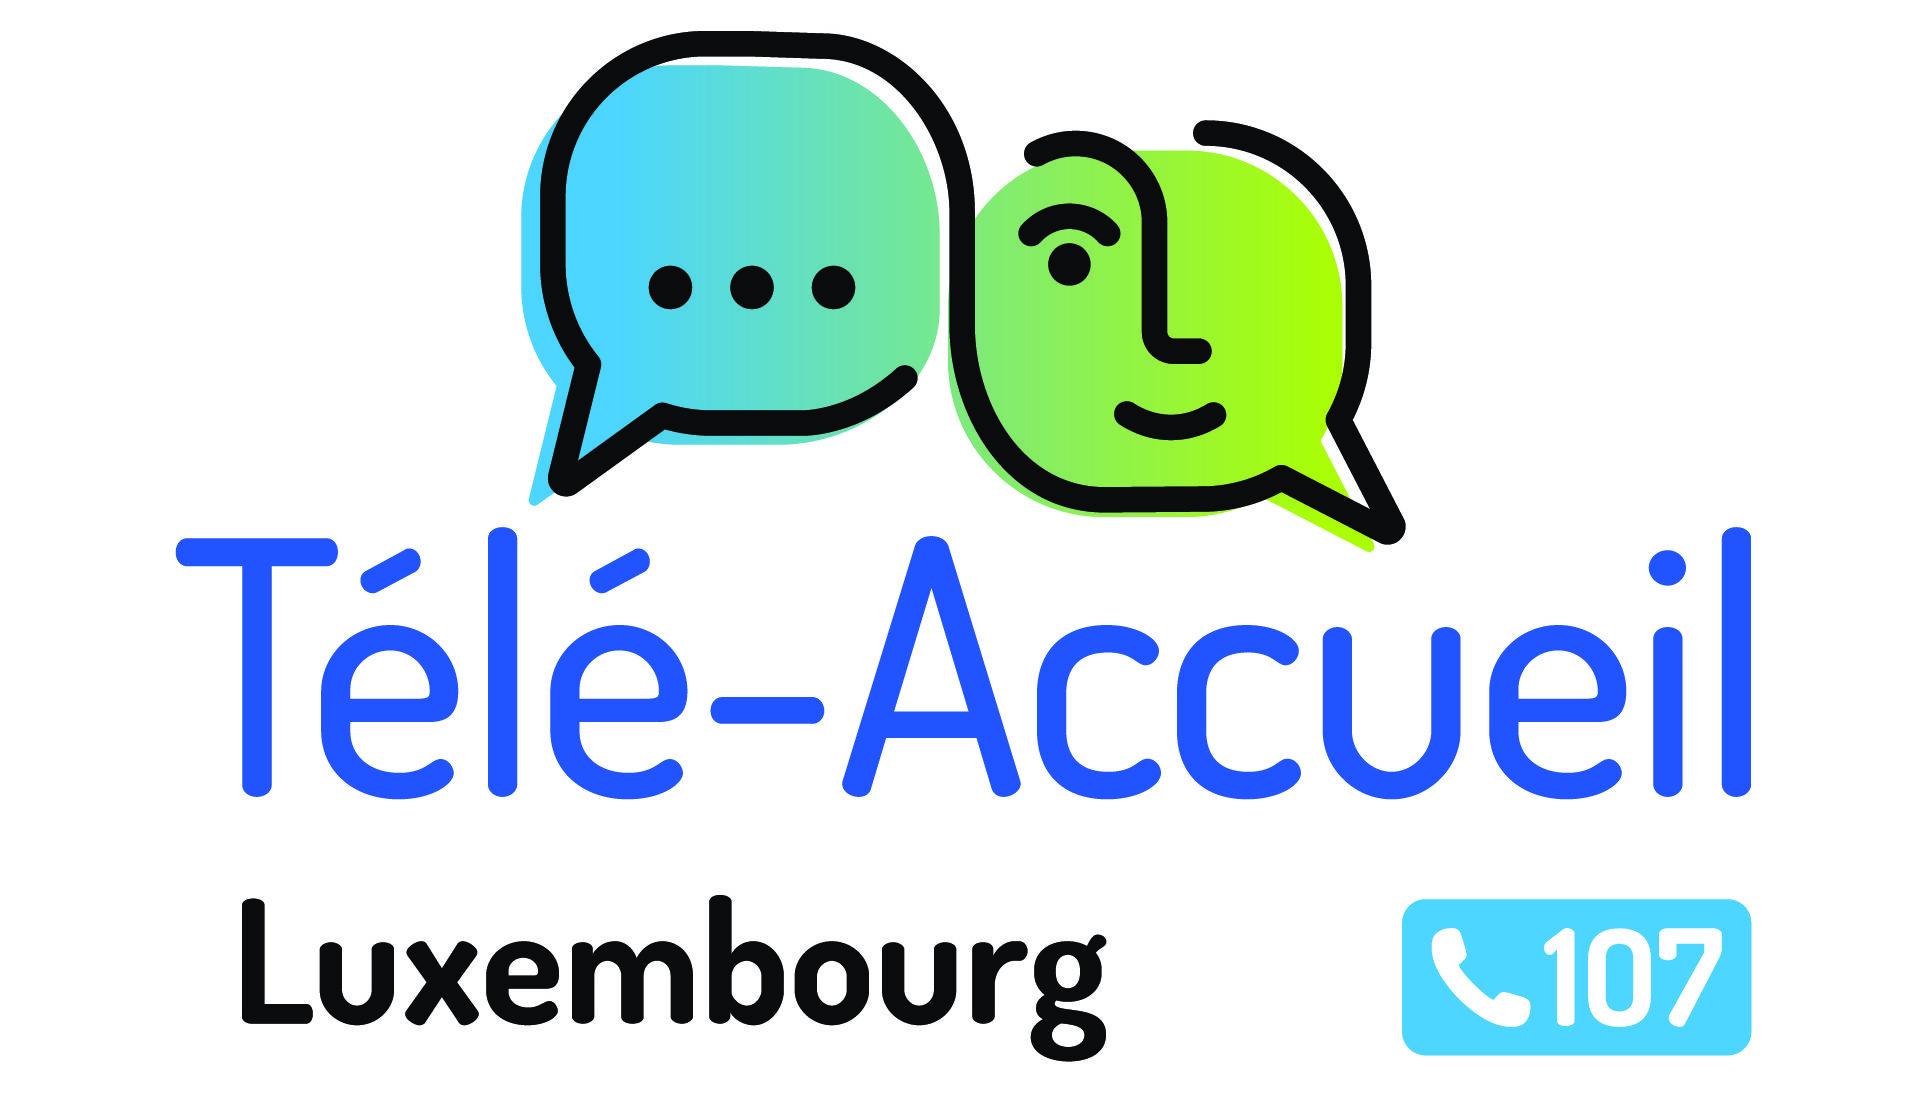 Télé Accueil Luxembourg